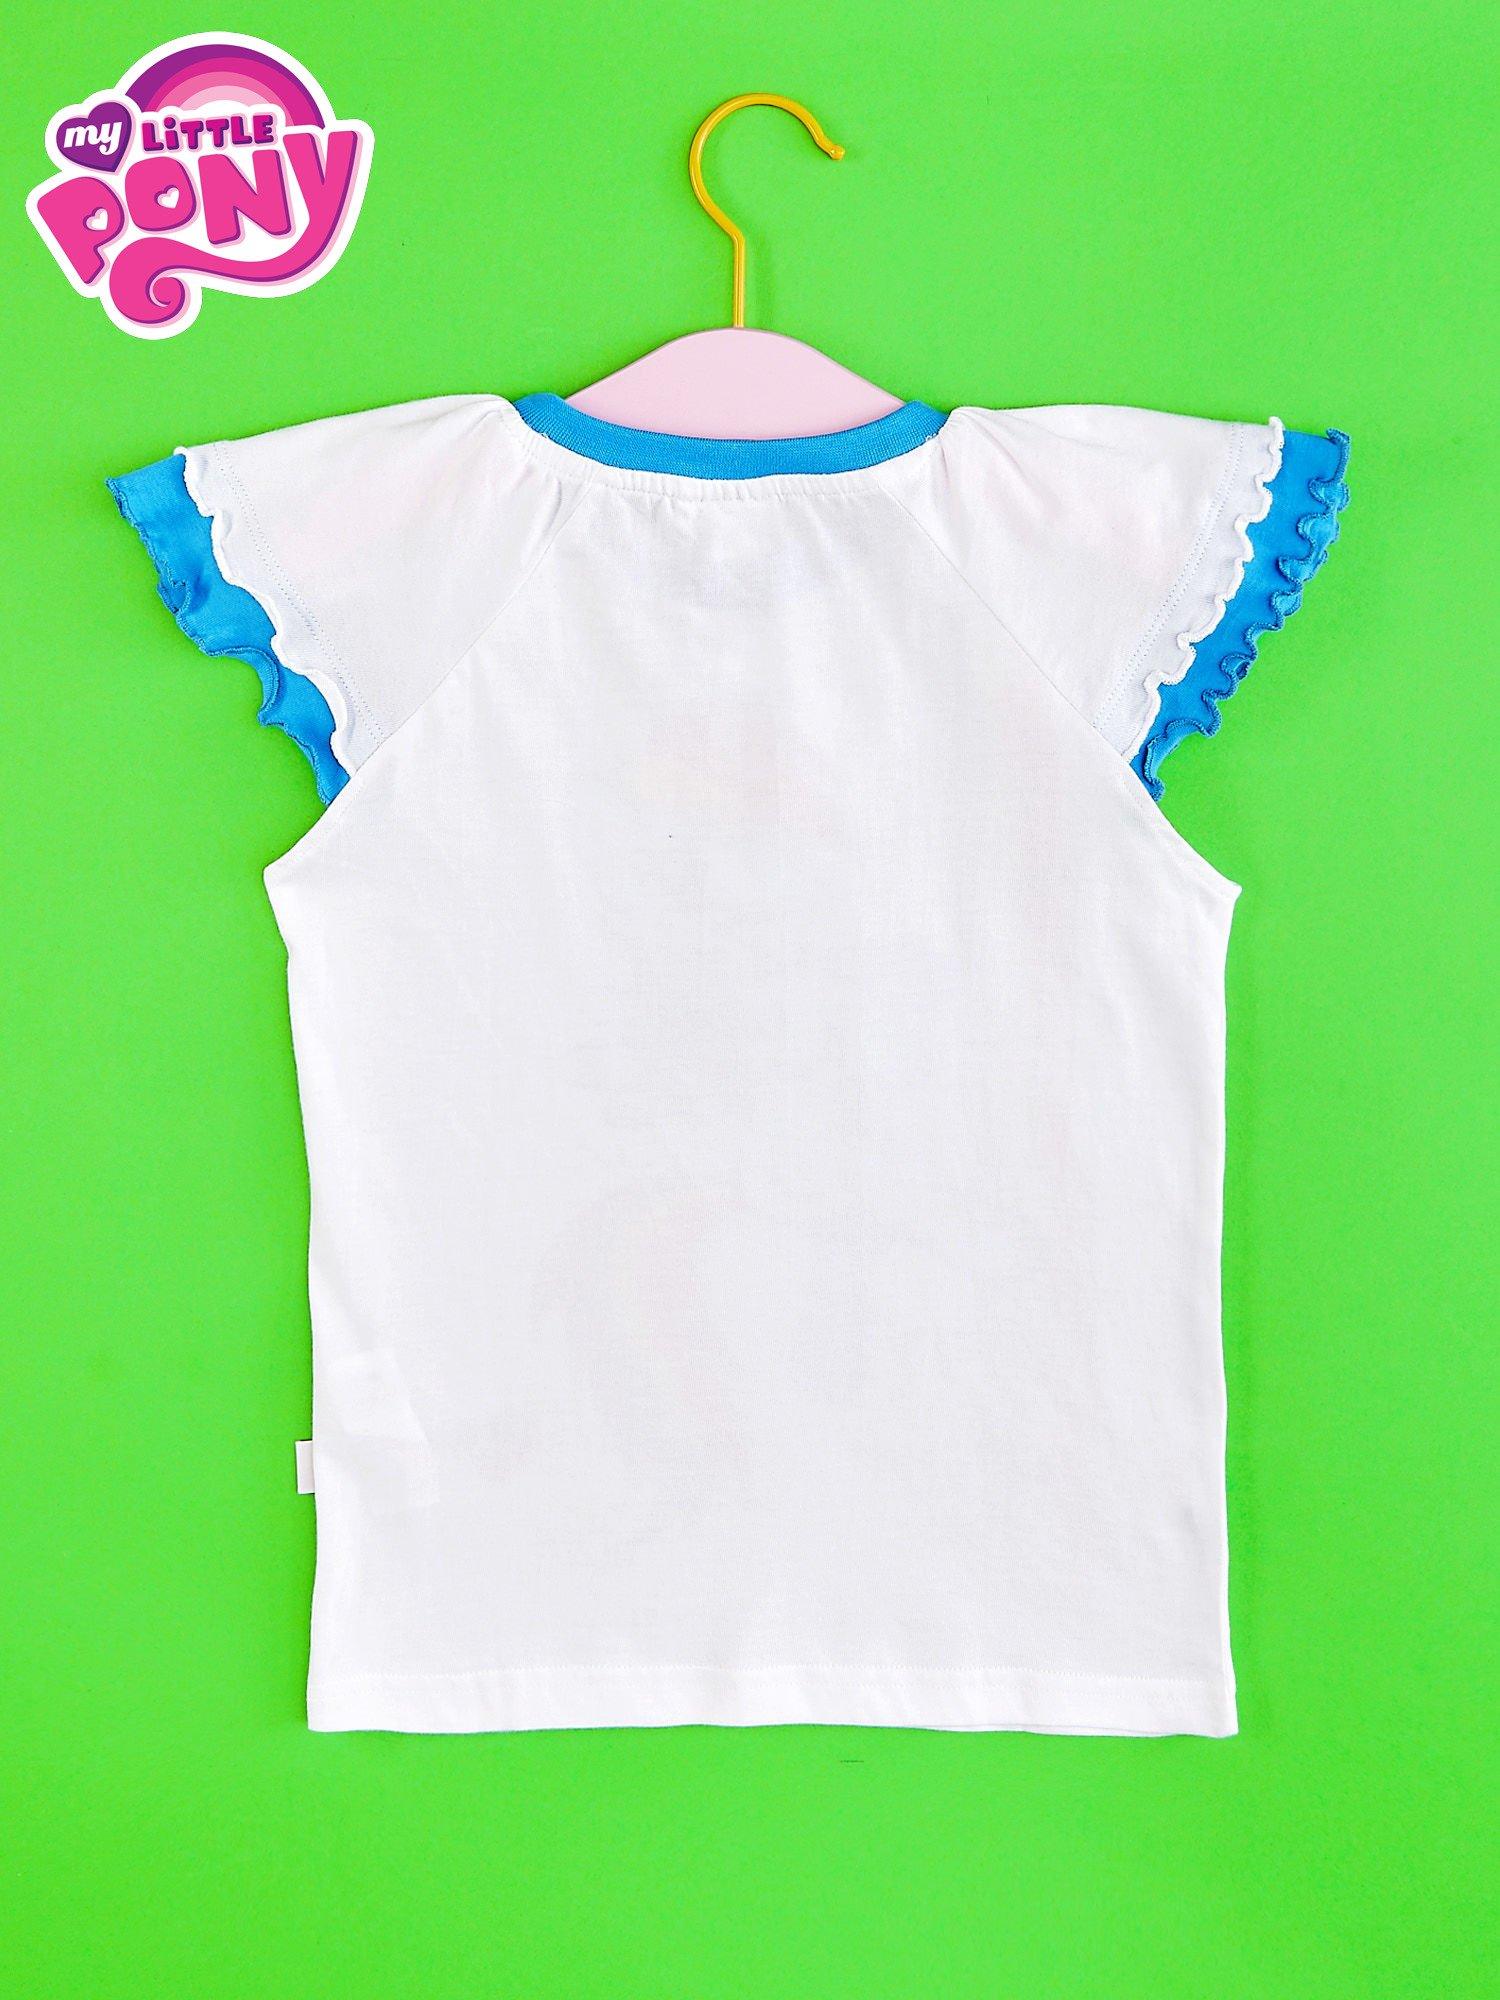 Granatowy t-shirt dla dziewczynki MY LITTLE PONY                                  zdj.                                  2